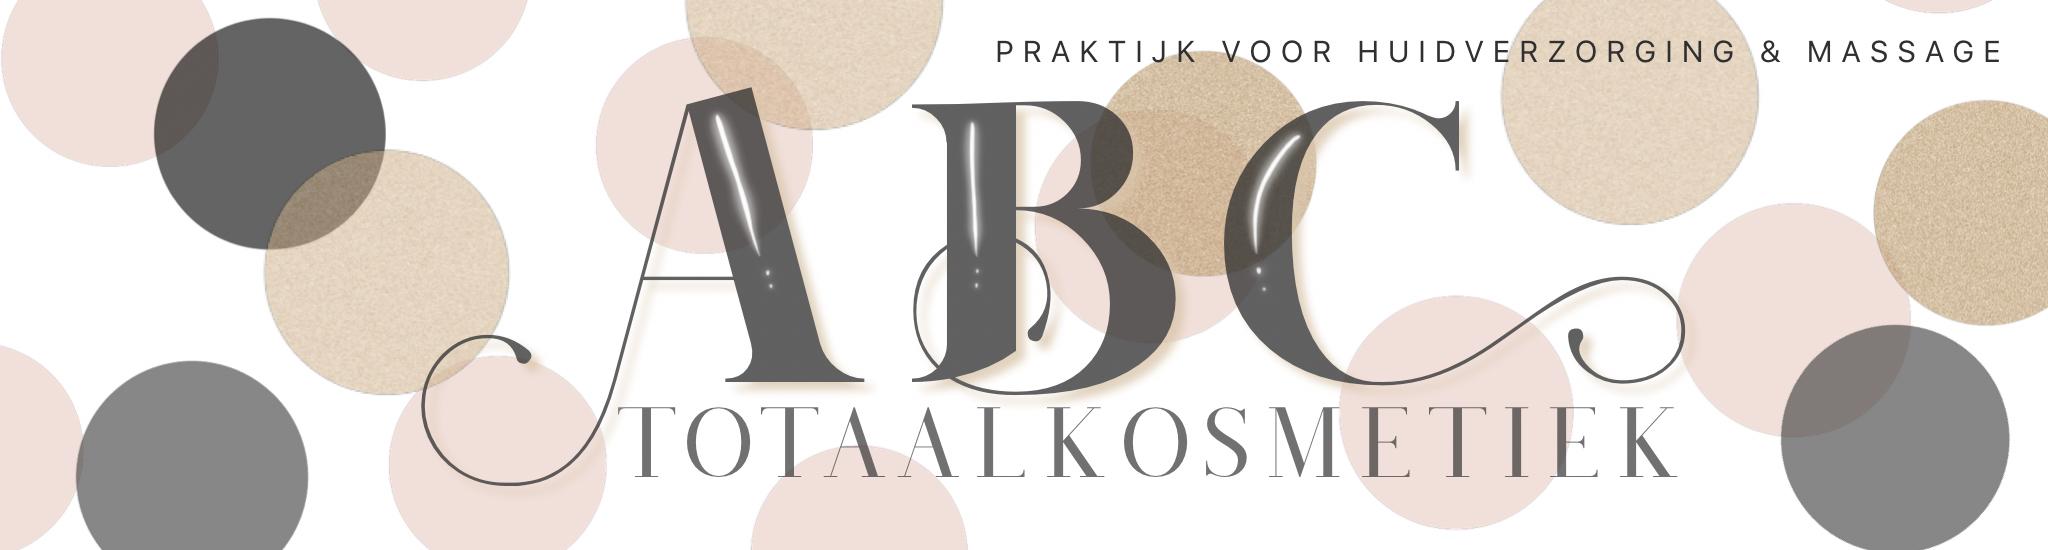 ABC Totaalkosmetiek